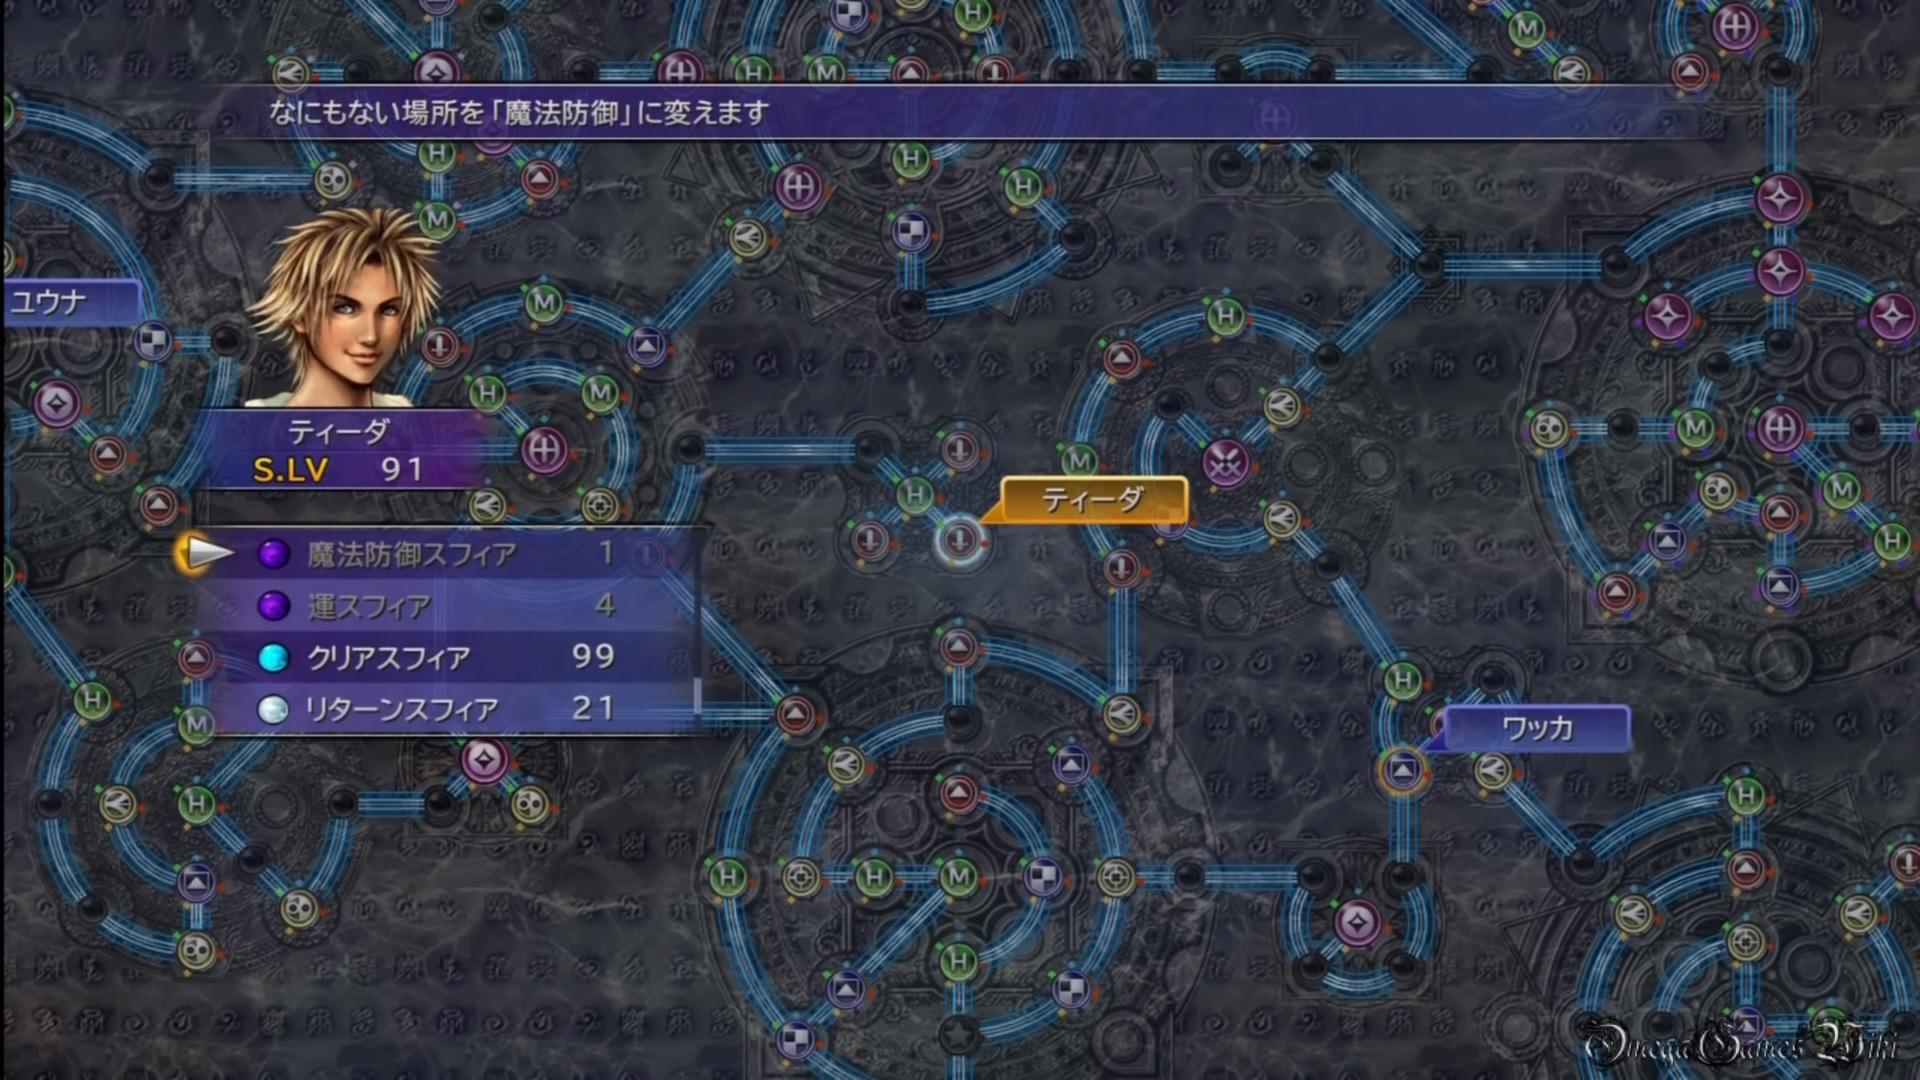 ファイナルファンタジーX/X-2 HD Remaster_2